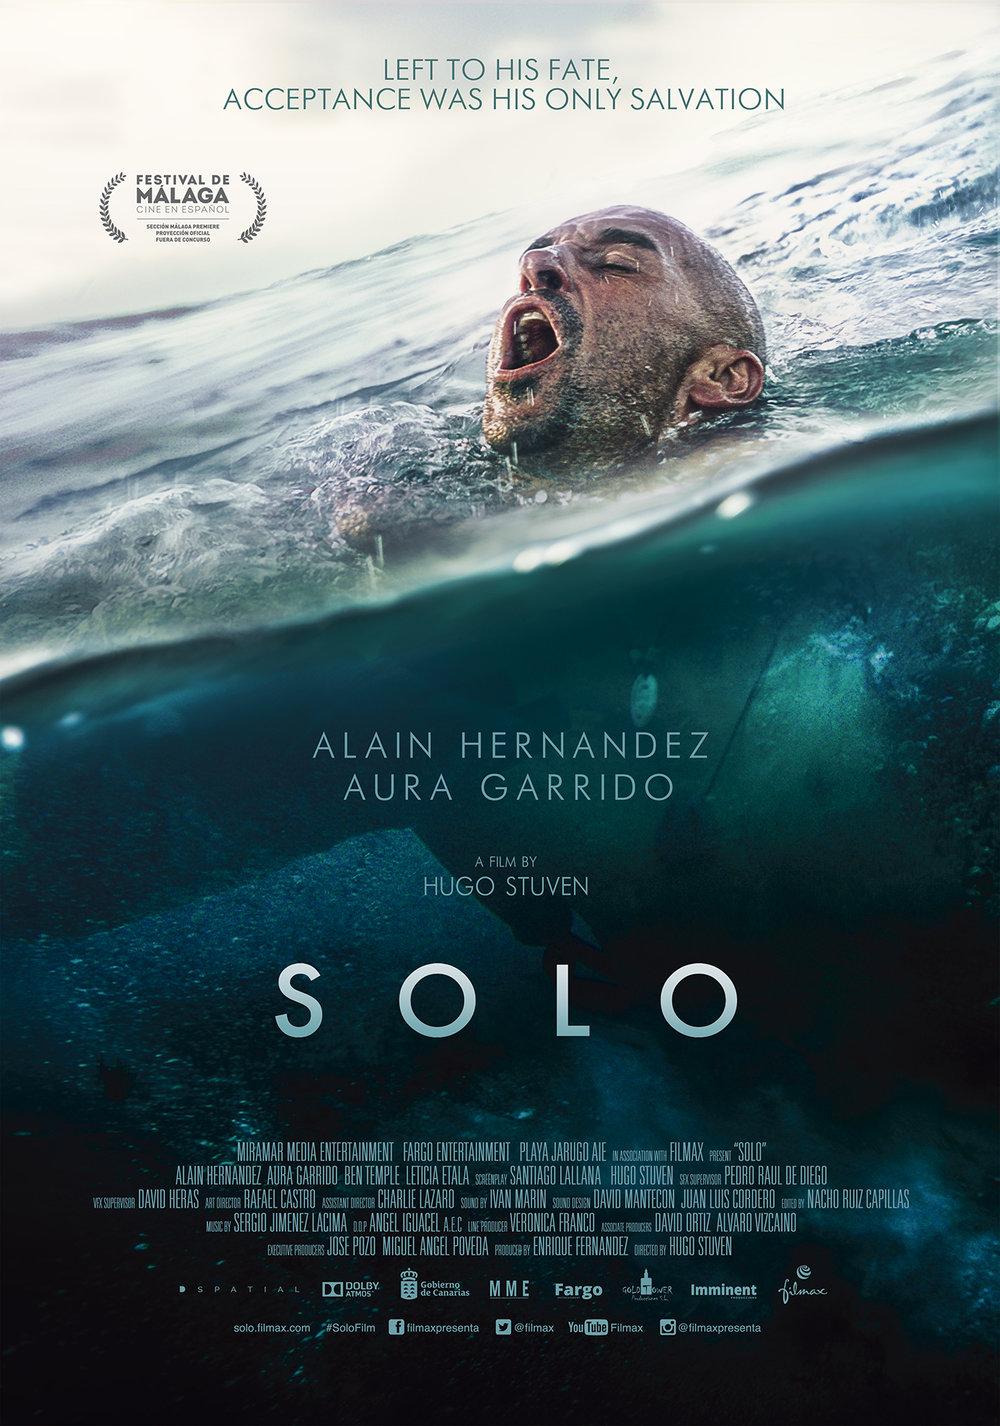 SOLO_Poster_KeyArt1_Eng_Low_RGB.jpg